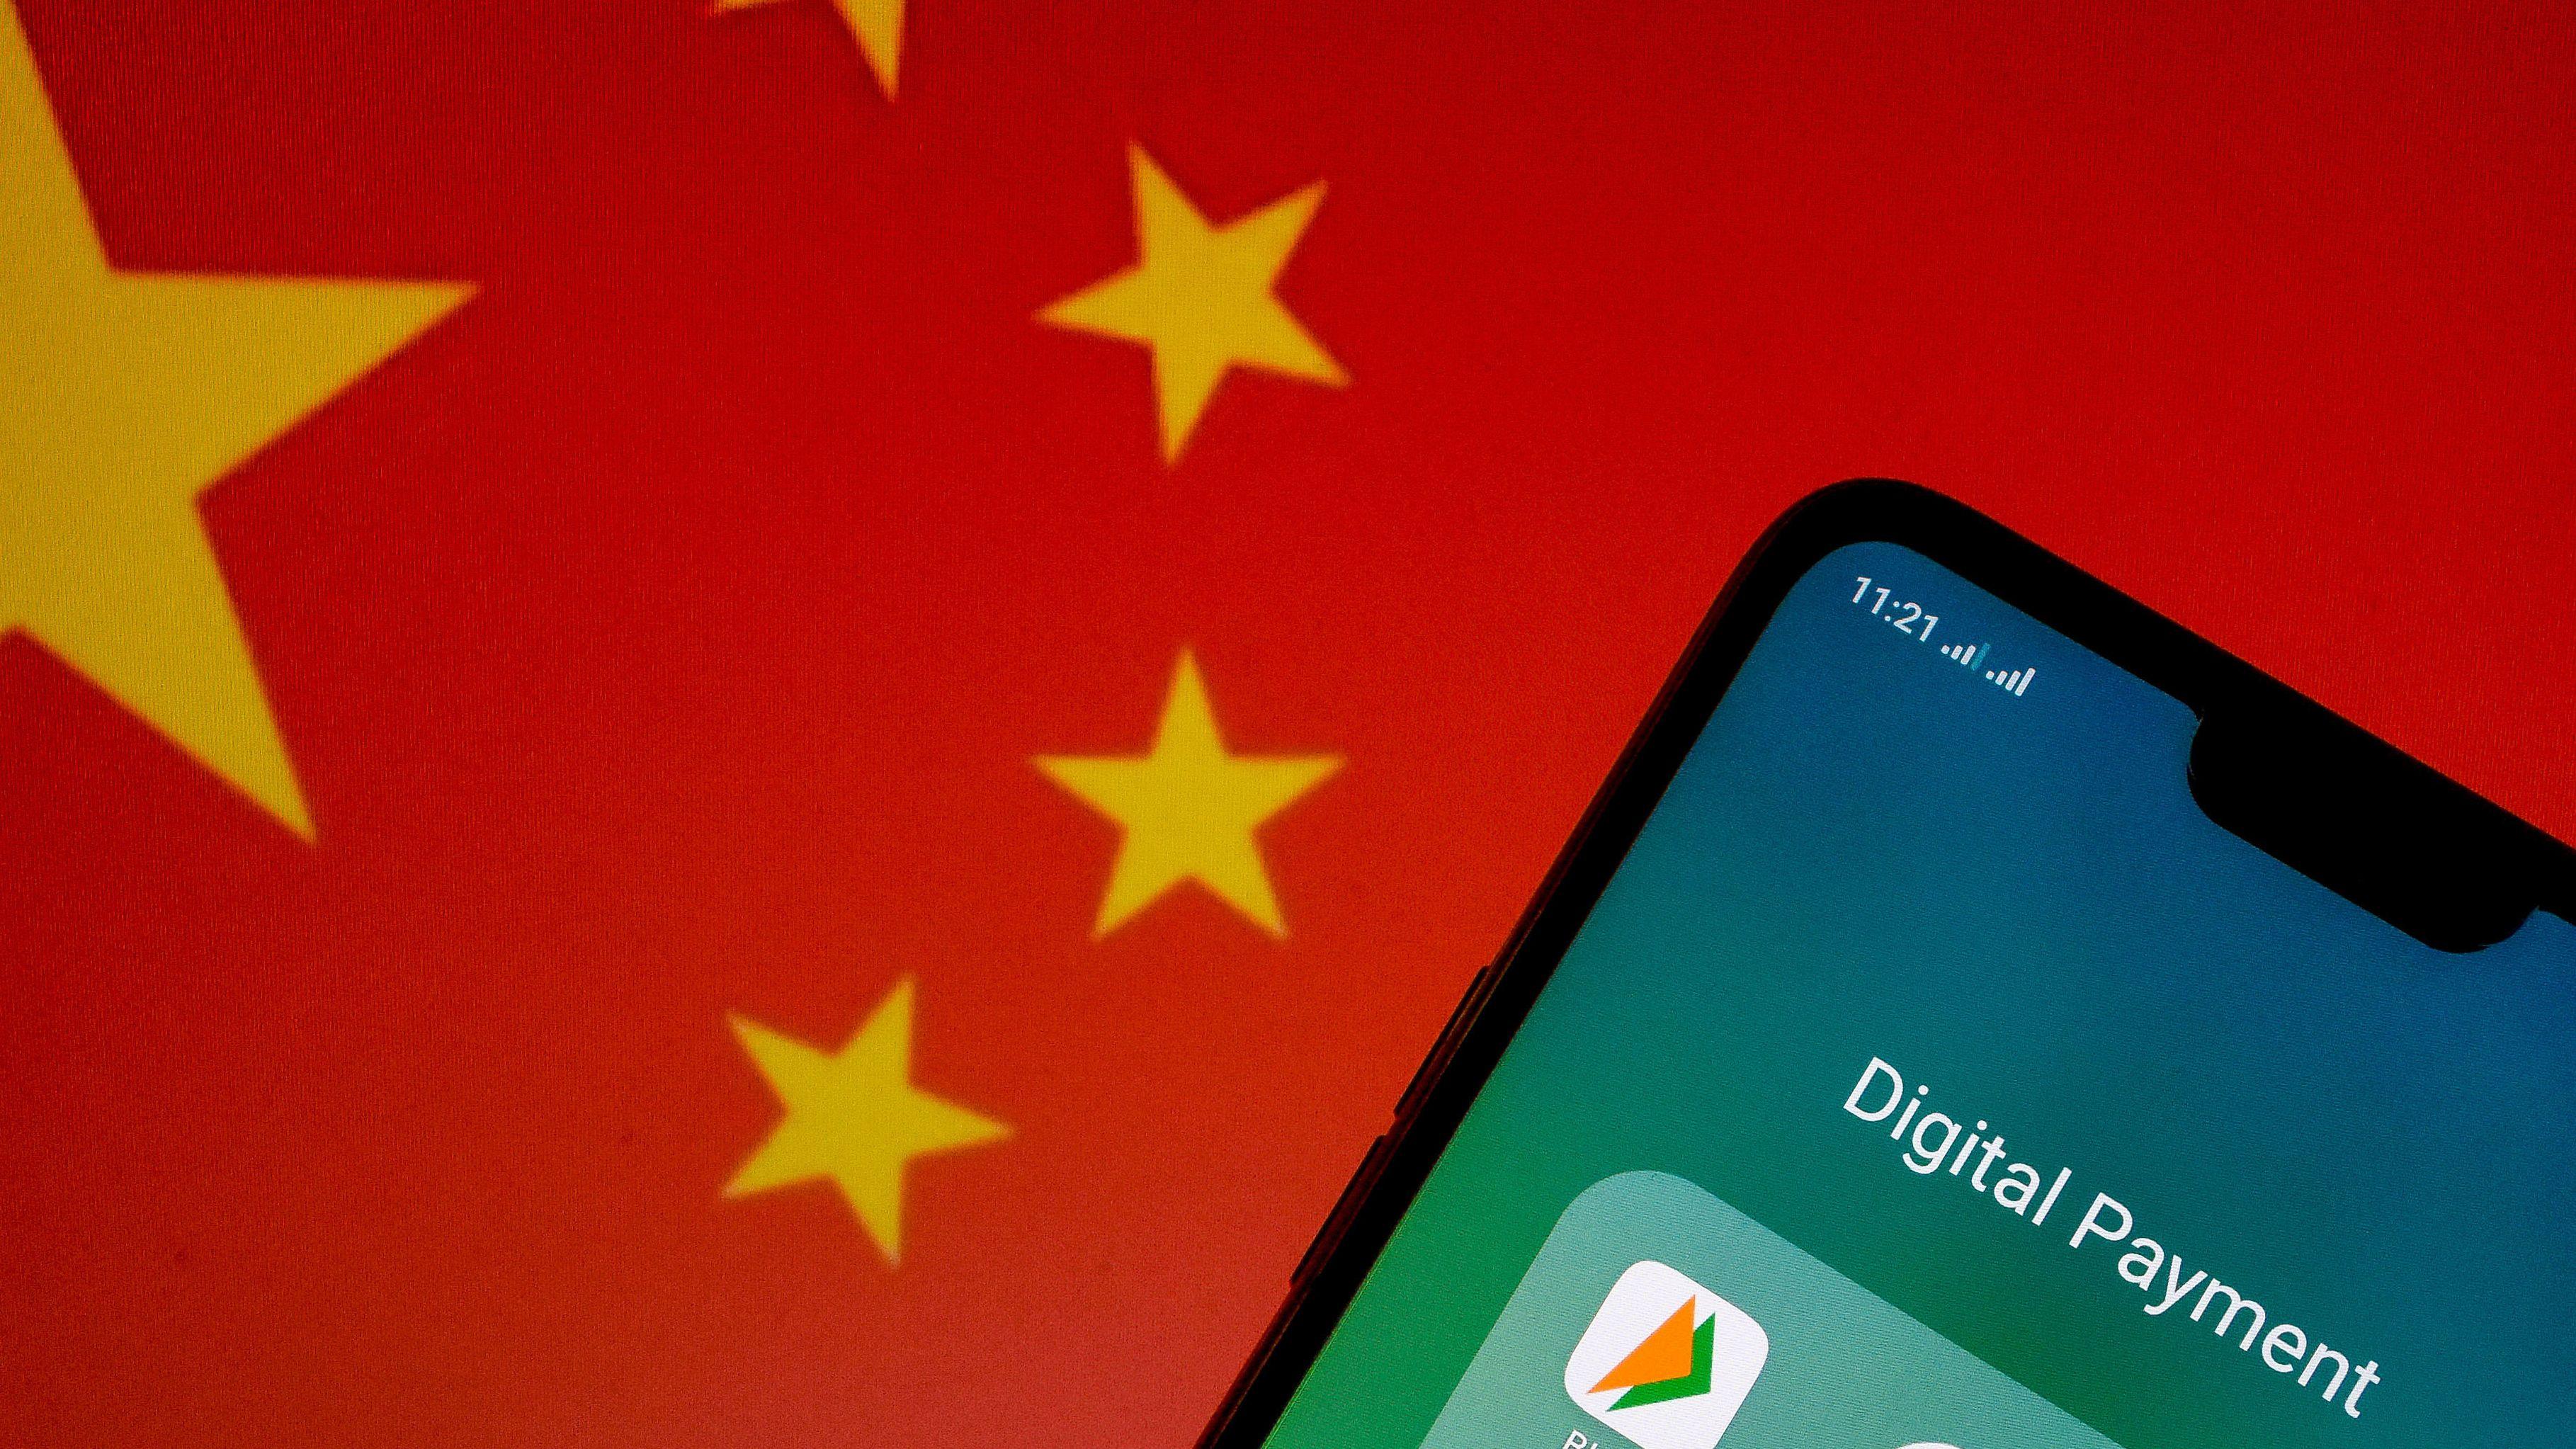 Ein Smartphone mit der Flagge der Volksrepublik China im Hintergrund.